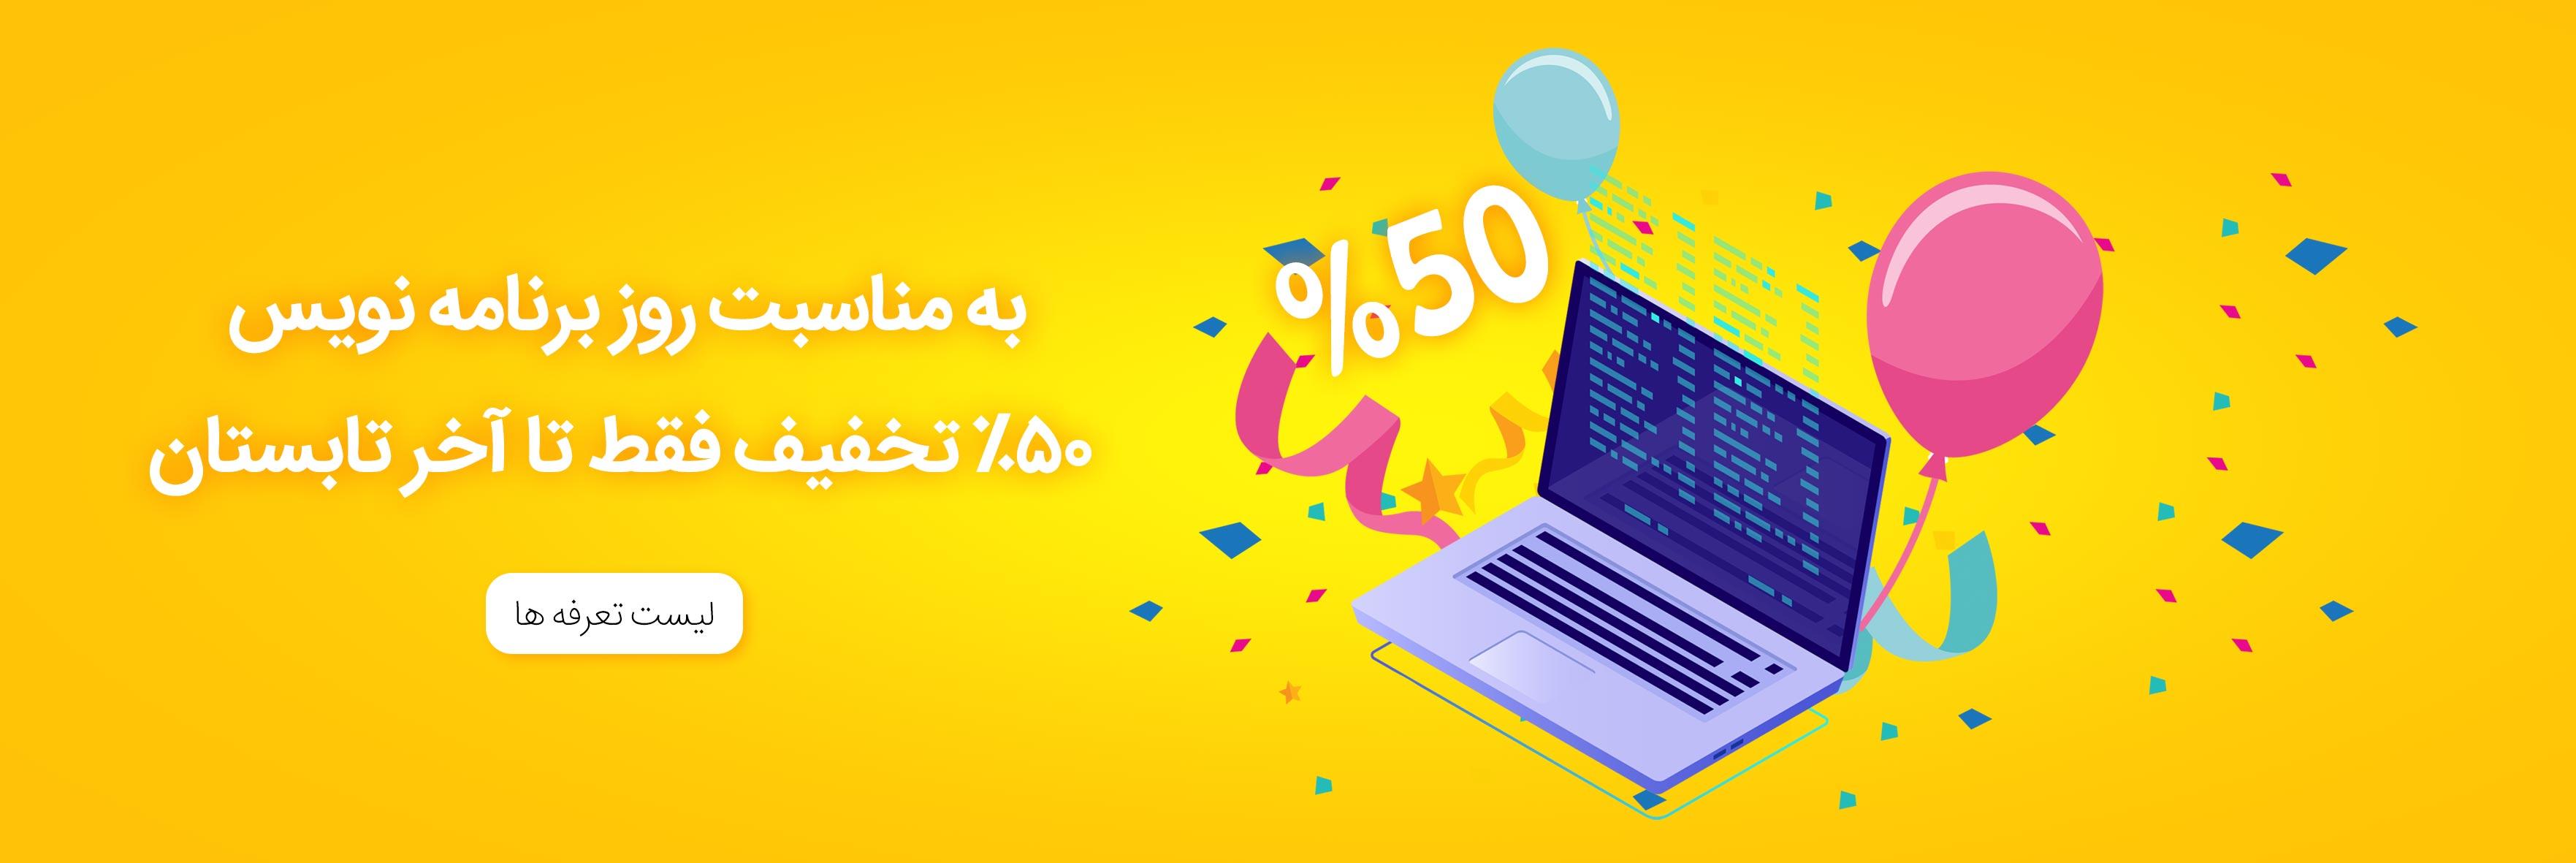 50%تخفیف ویژه روز برنامه نویس، فقط تا آخر تابستان